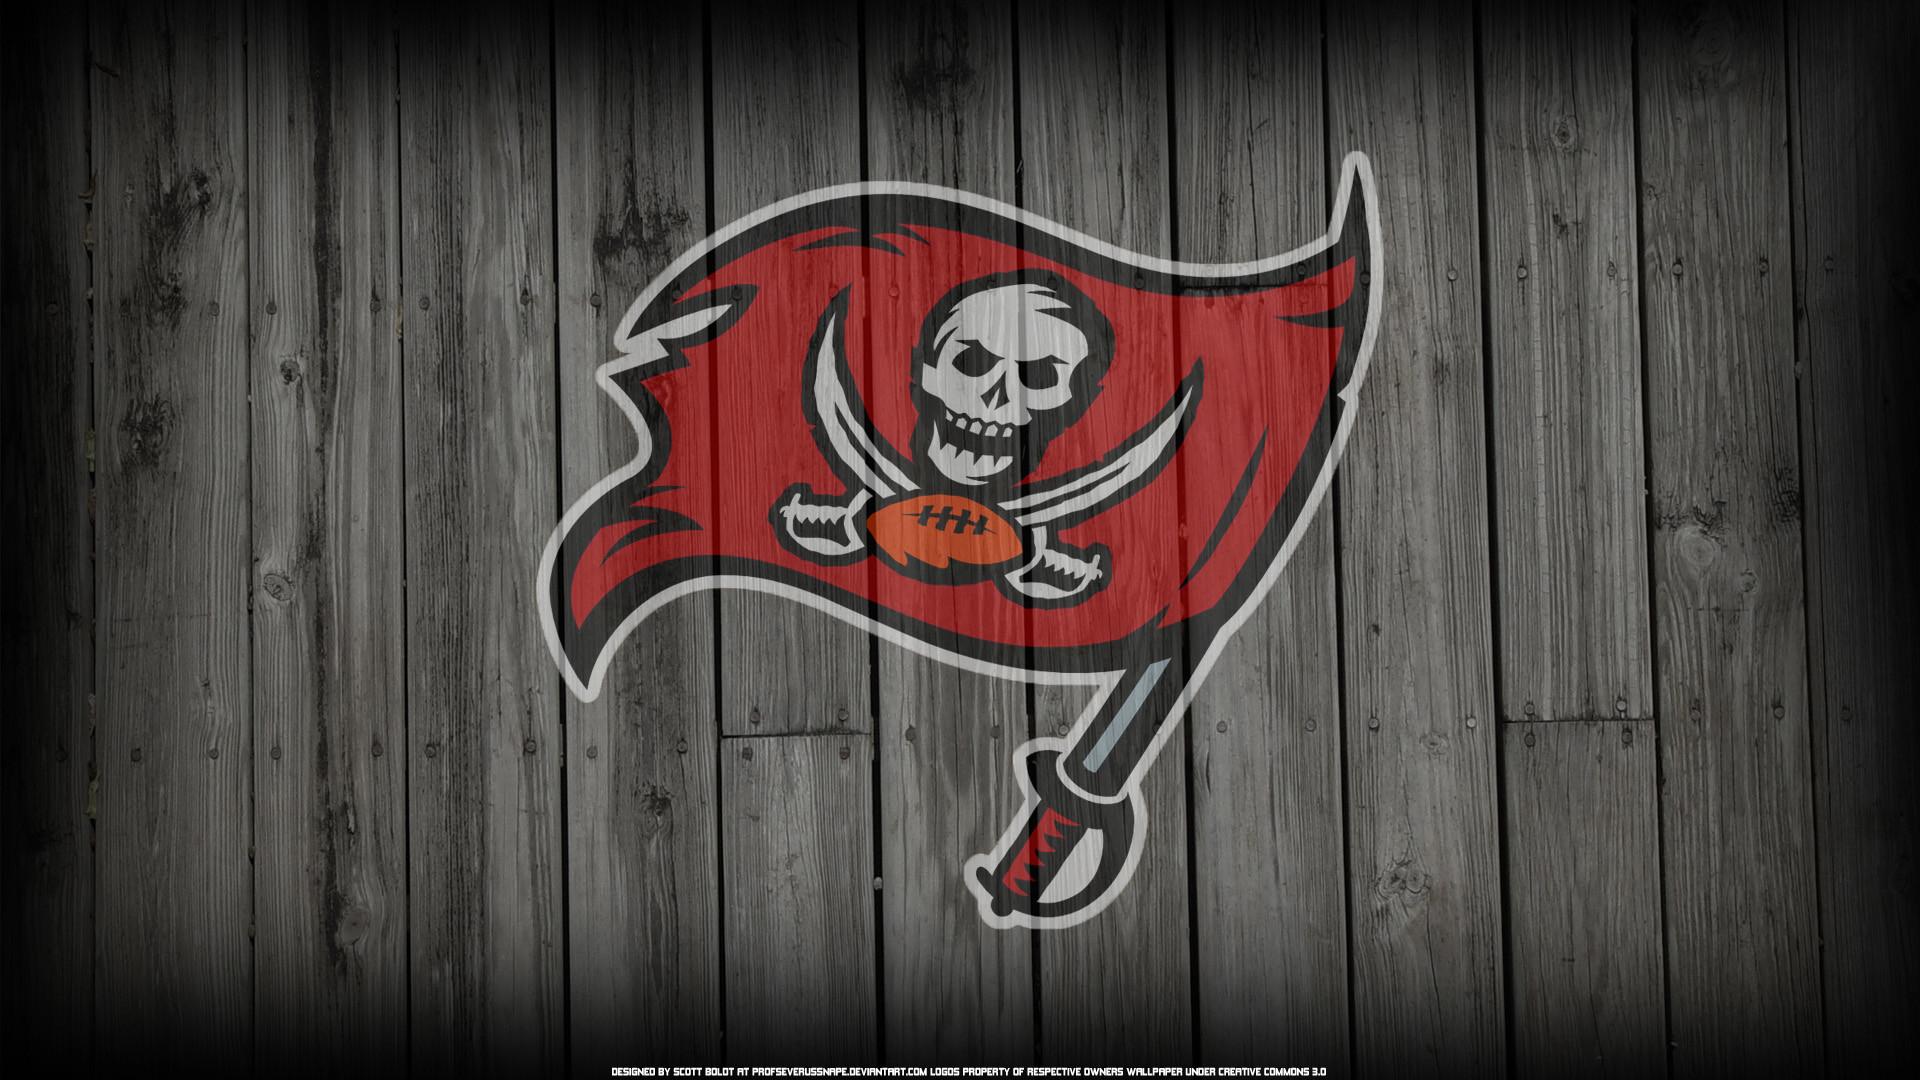 The Best Tampa Bay Buccaneers Wallpaper Iphone